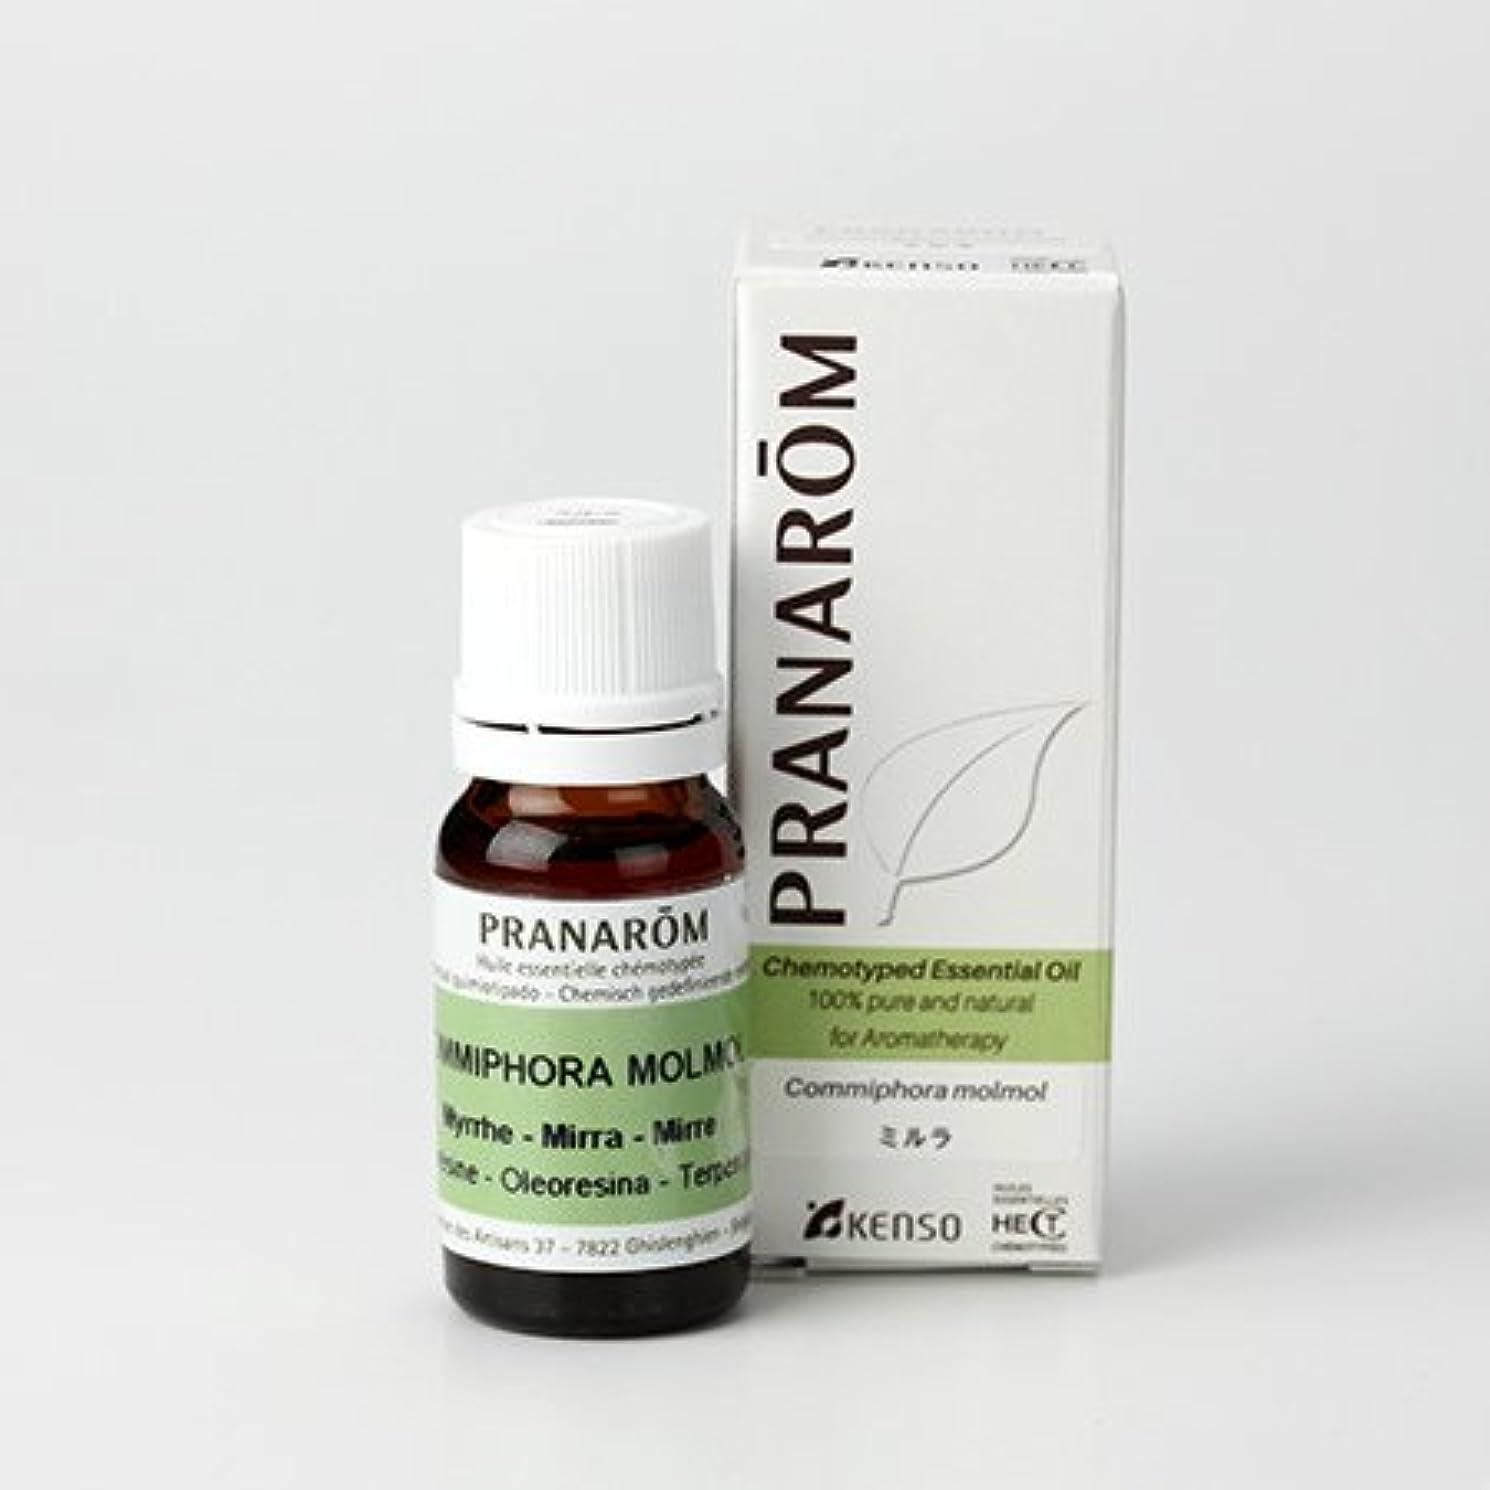 蓮応答仕えるプラナロム ミルラ 10ml (PRANAROM ケモタイプ精油)